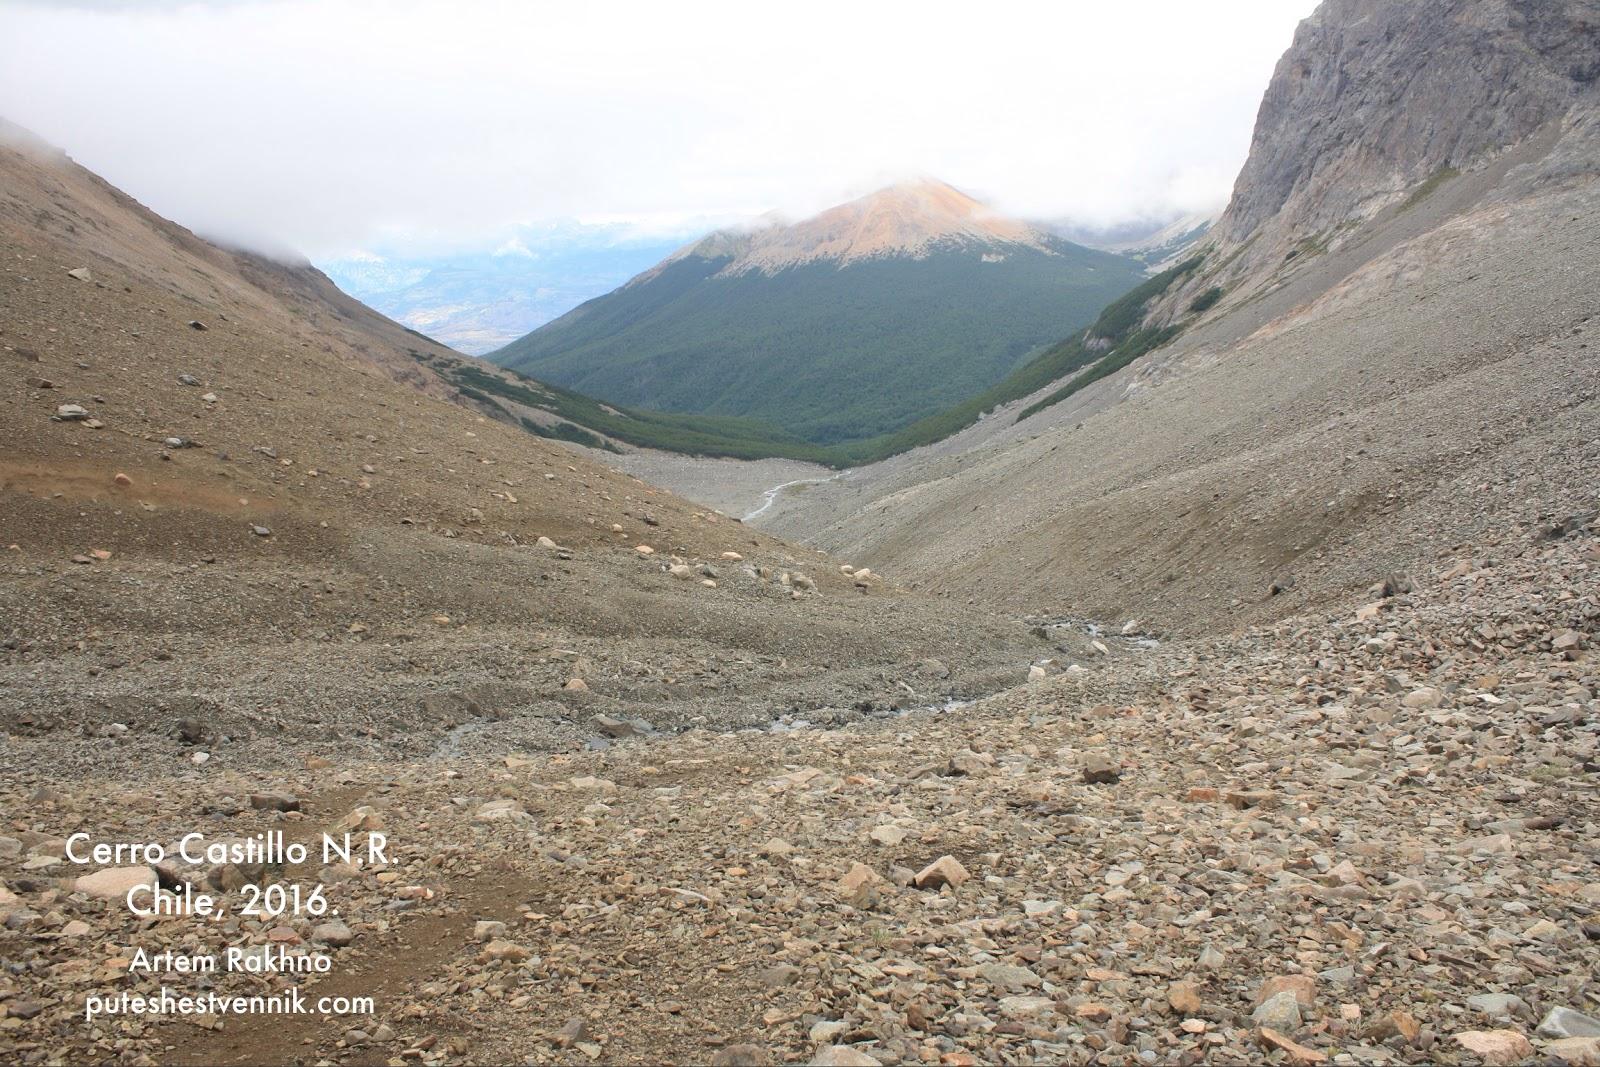 Поход по Reserva Nacional Cerro Castillo